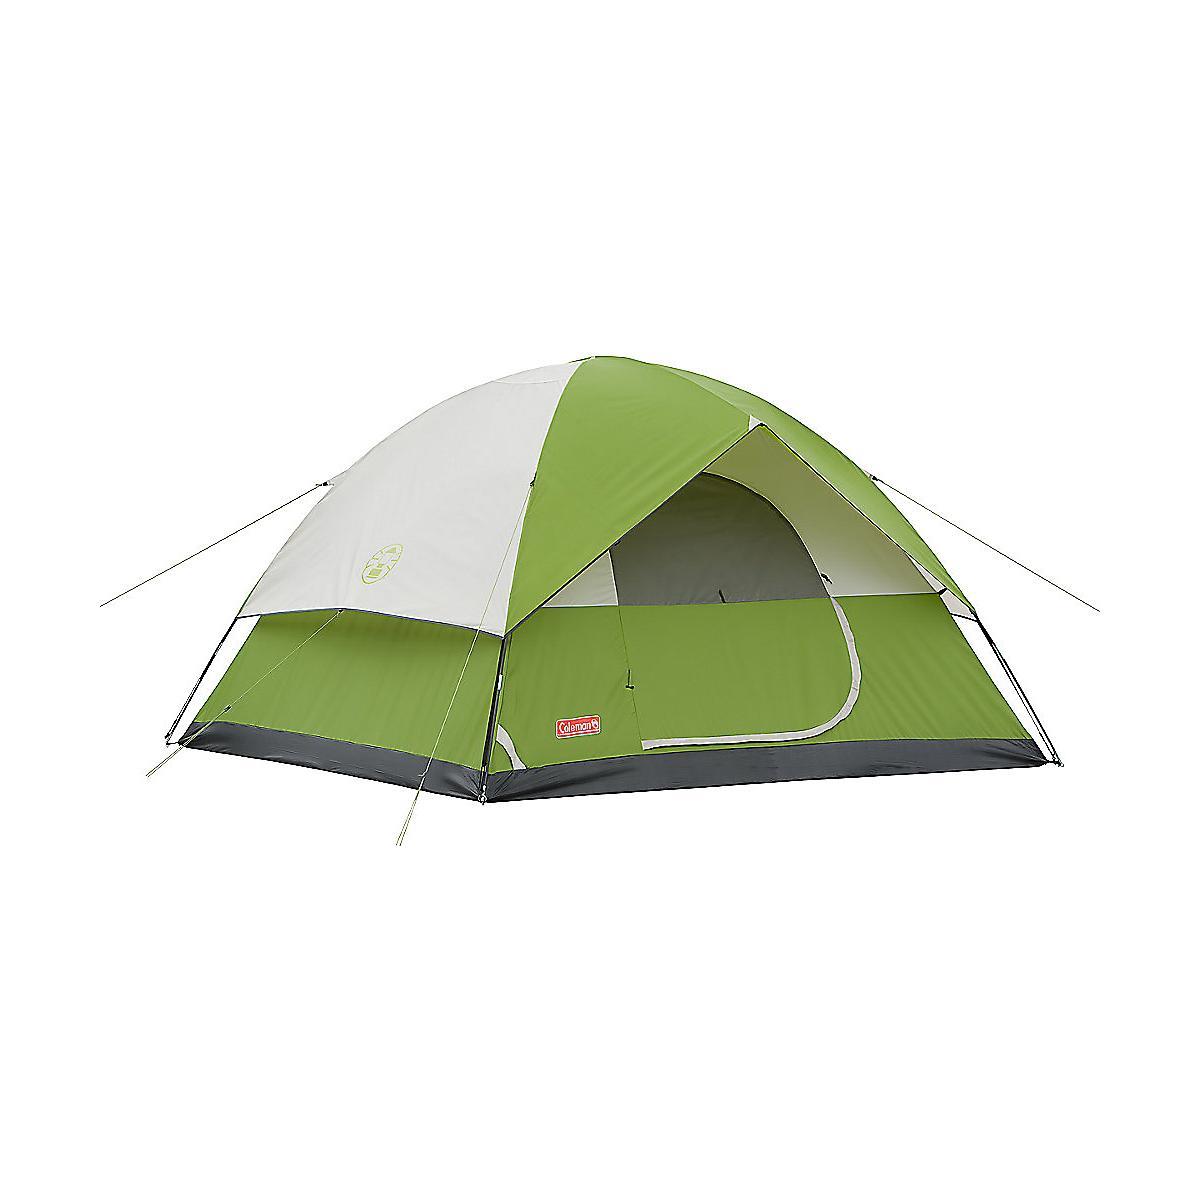 Coleman�Sundome 6 Person Tent